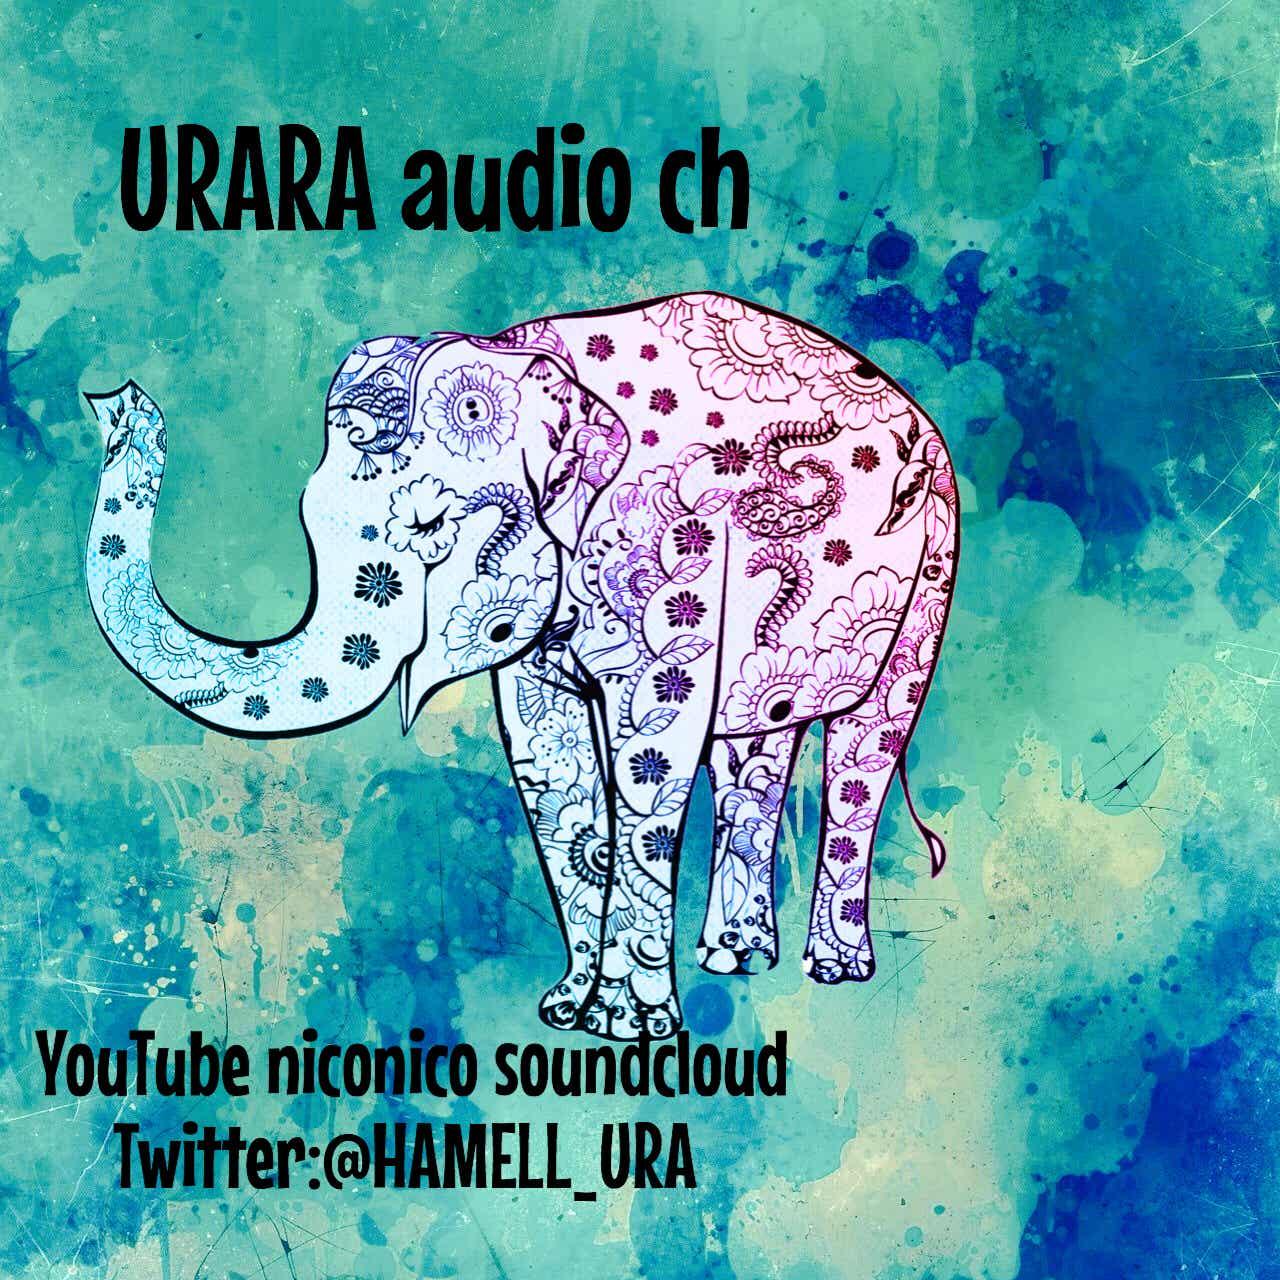 一年間ネットに曲をあげ続けた結果 Urara Note